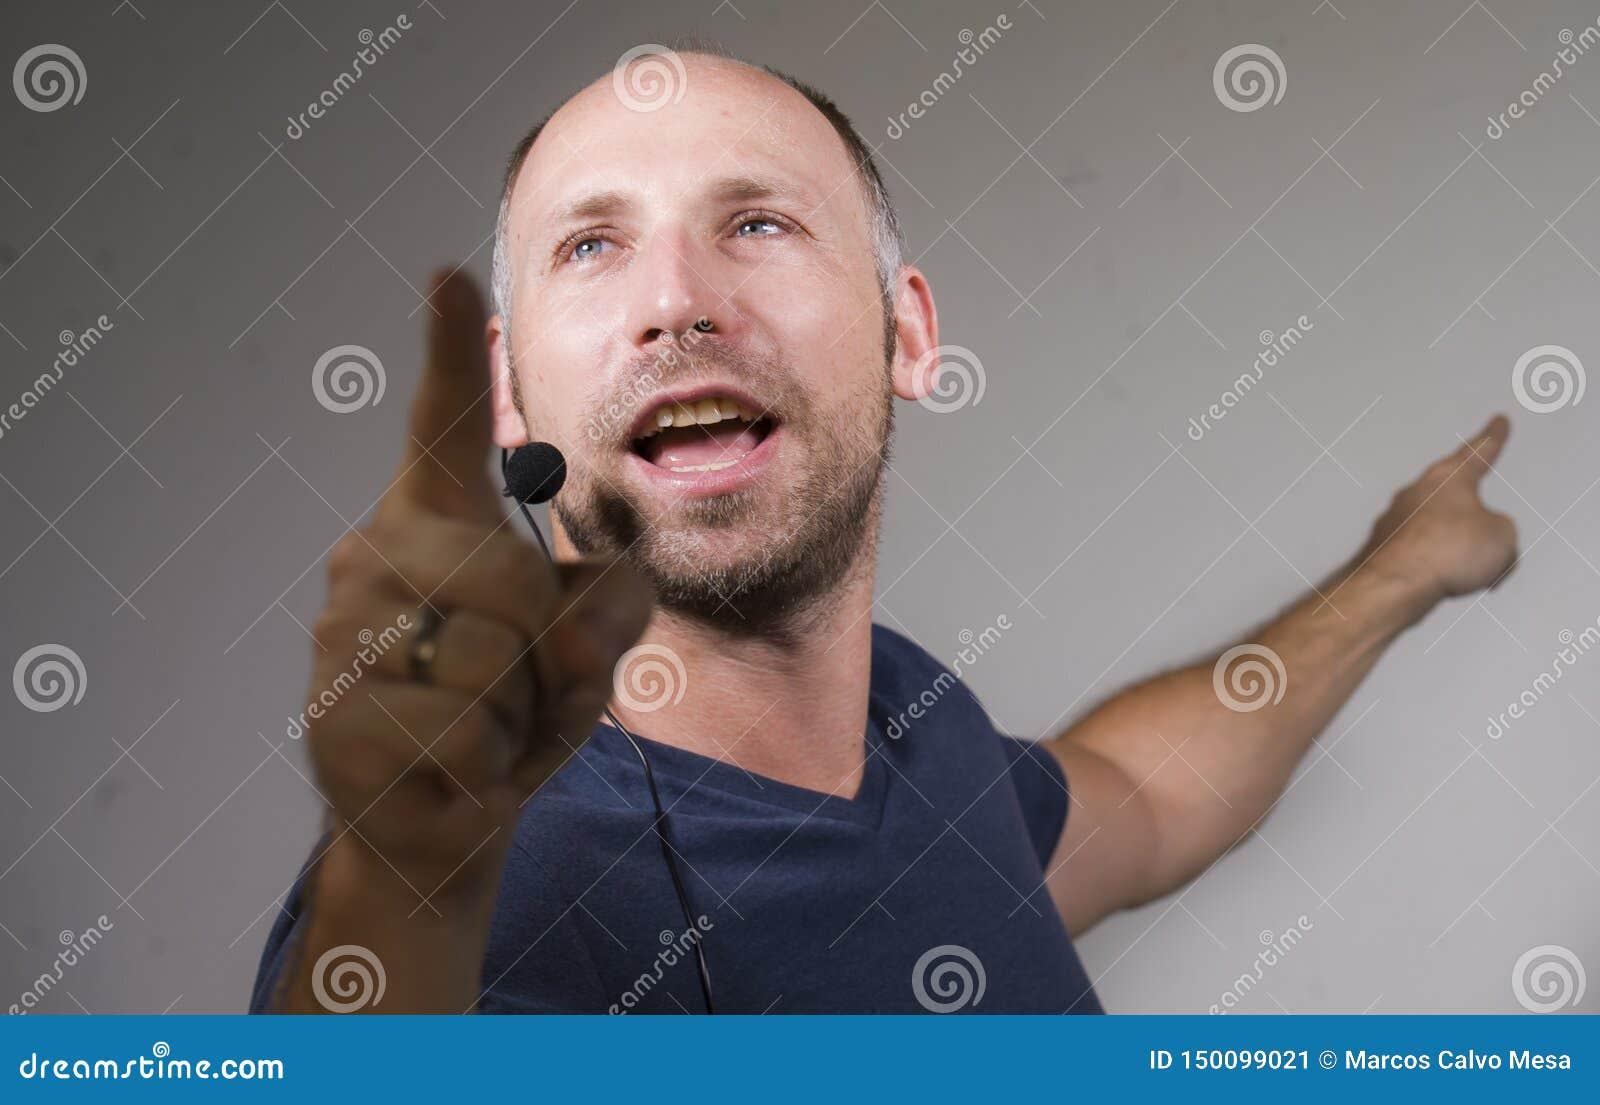 Lycklig attraktiv och säker affärsmanhögtalare med hörlurar med mikrofon som ger sig arbeta som privatlärare åt konferensutbildni